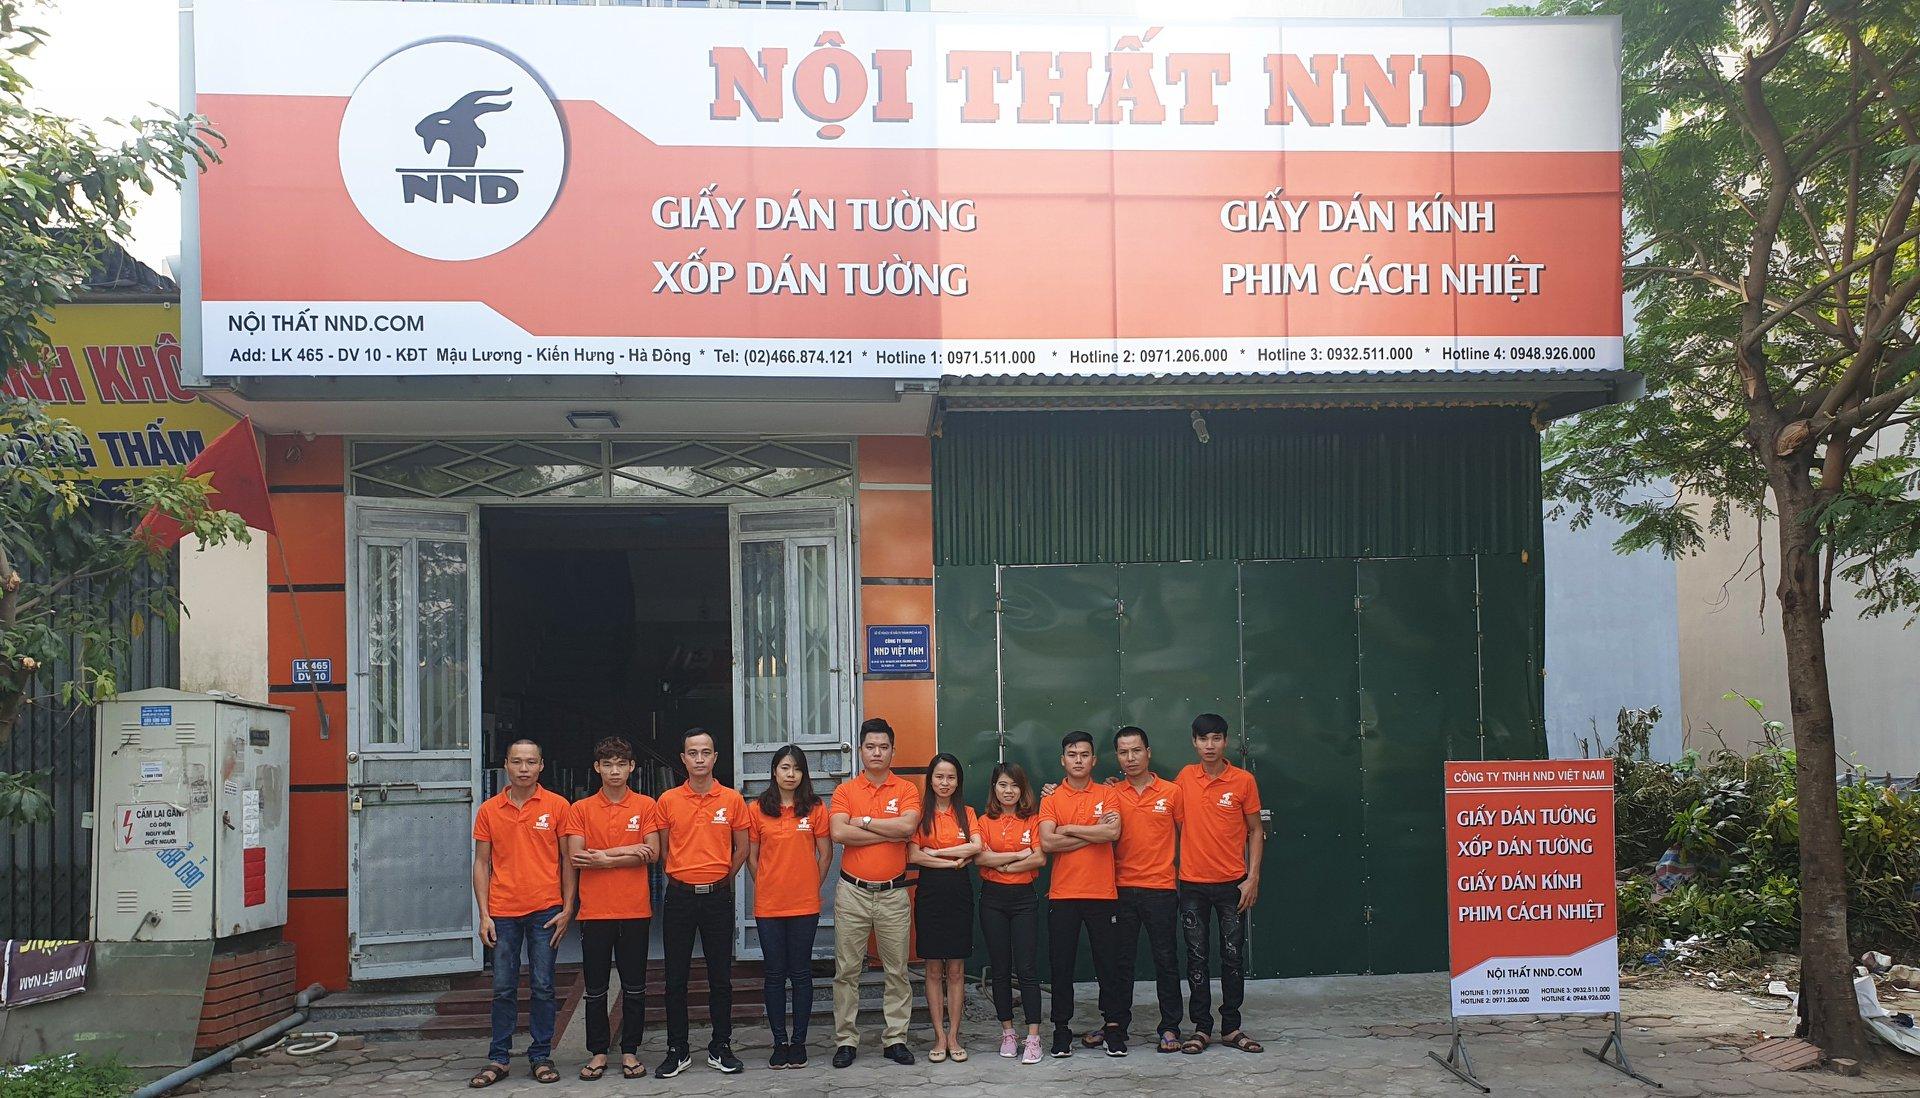 NND là địa chỉ cung cấp và thi công giấy decal dán kính uy tín nhất tại Hà Nội